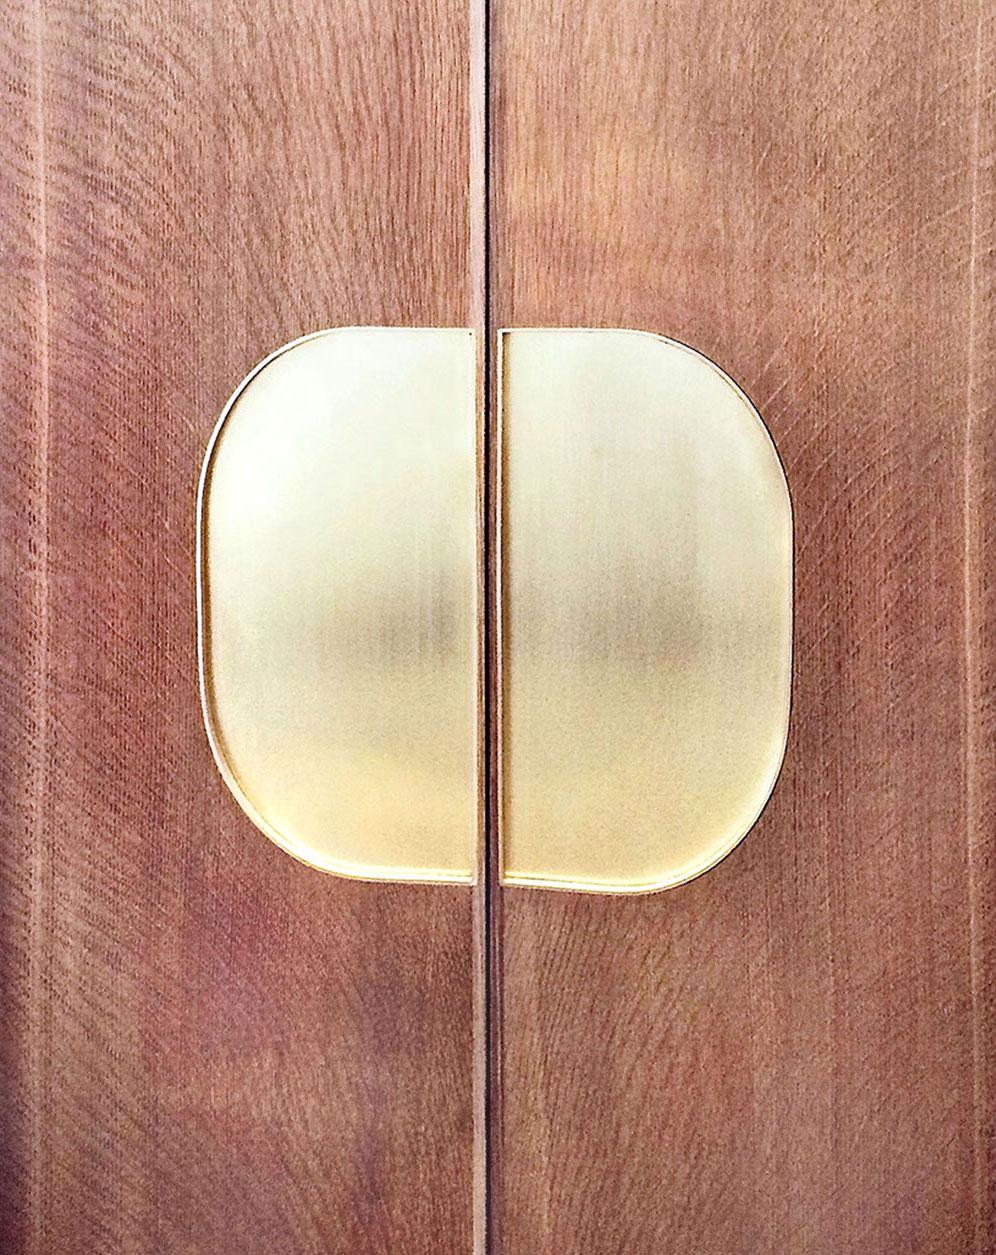 fume-pocket-door-CU-web.jpg